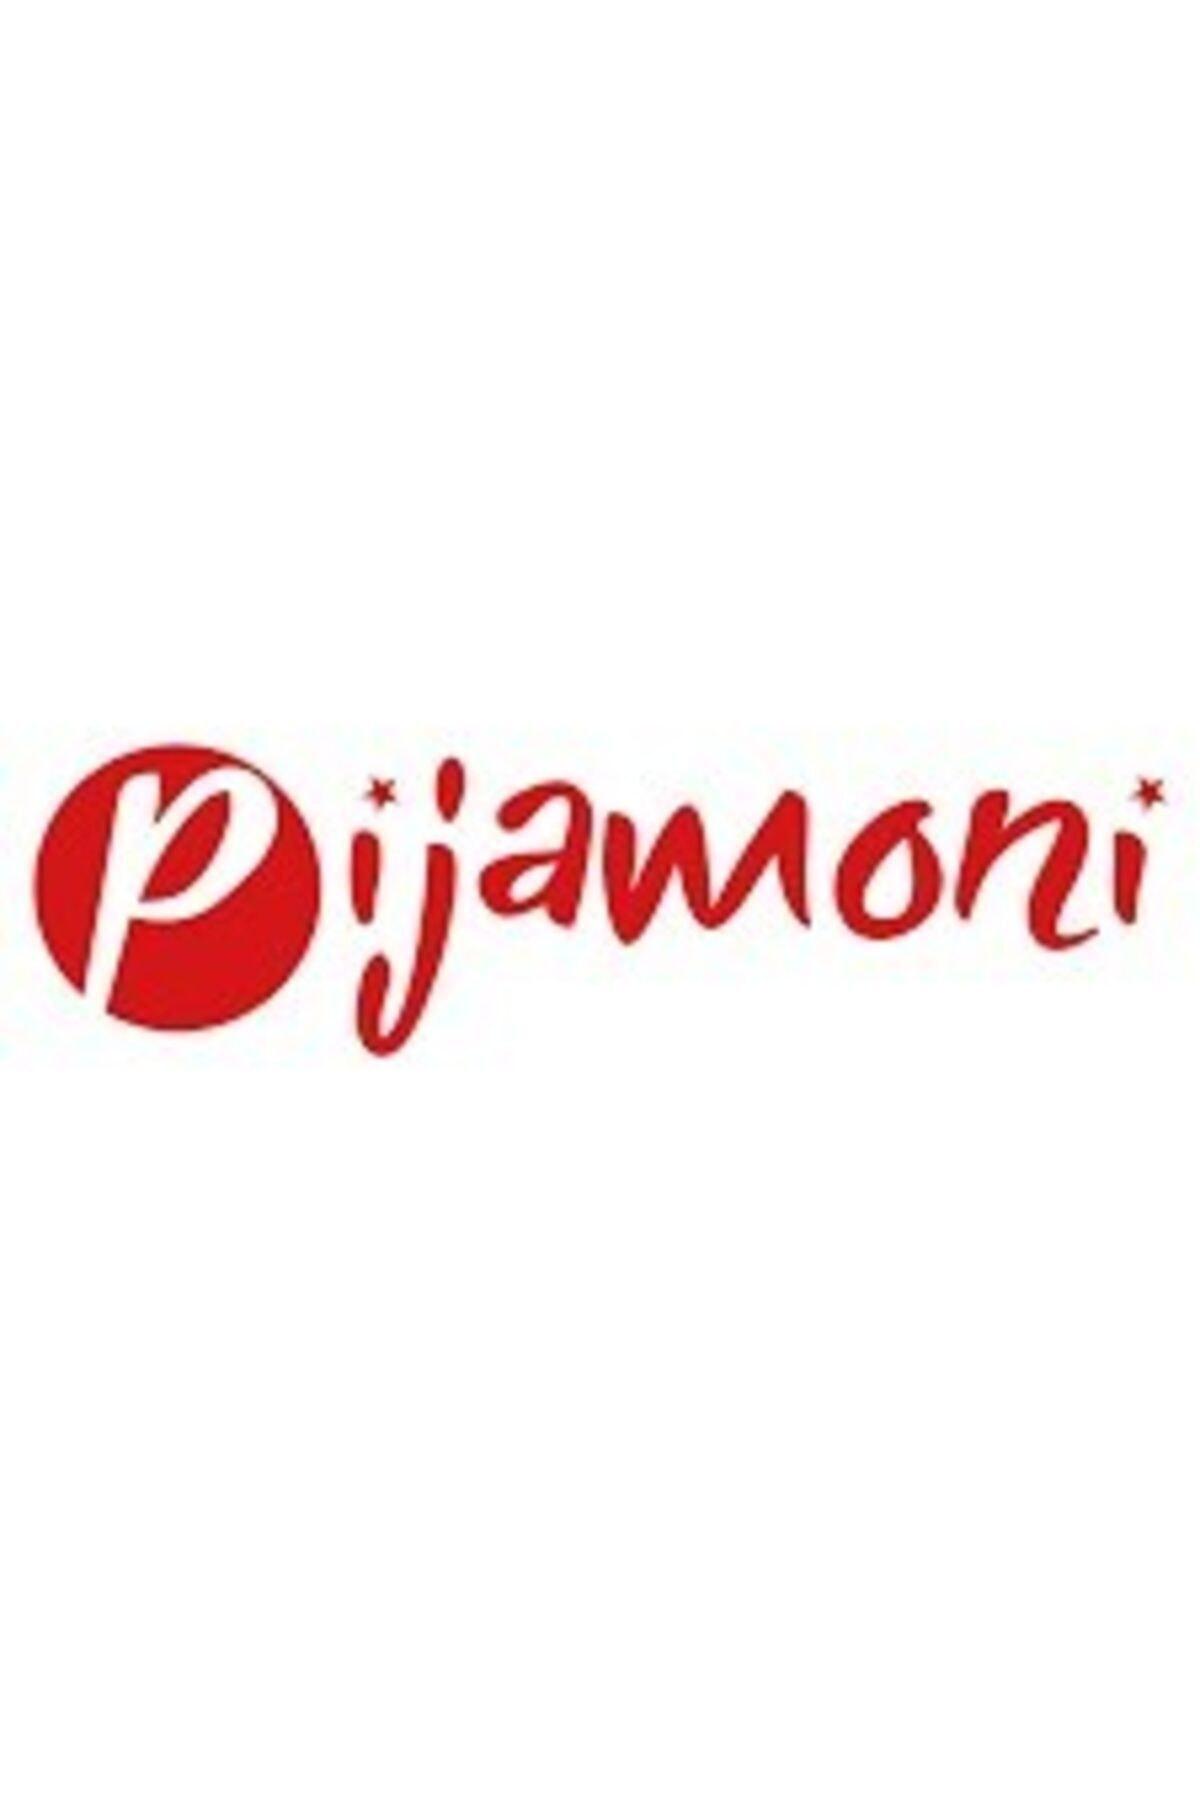 ARCAN Pijamoni Bayan Battal Pijama Altı %100 Pamuk 2